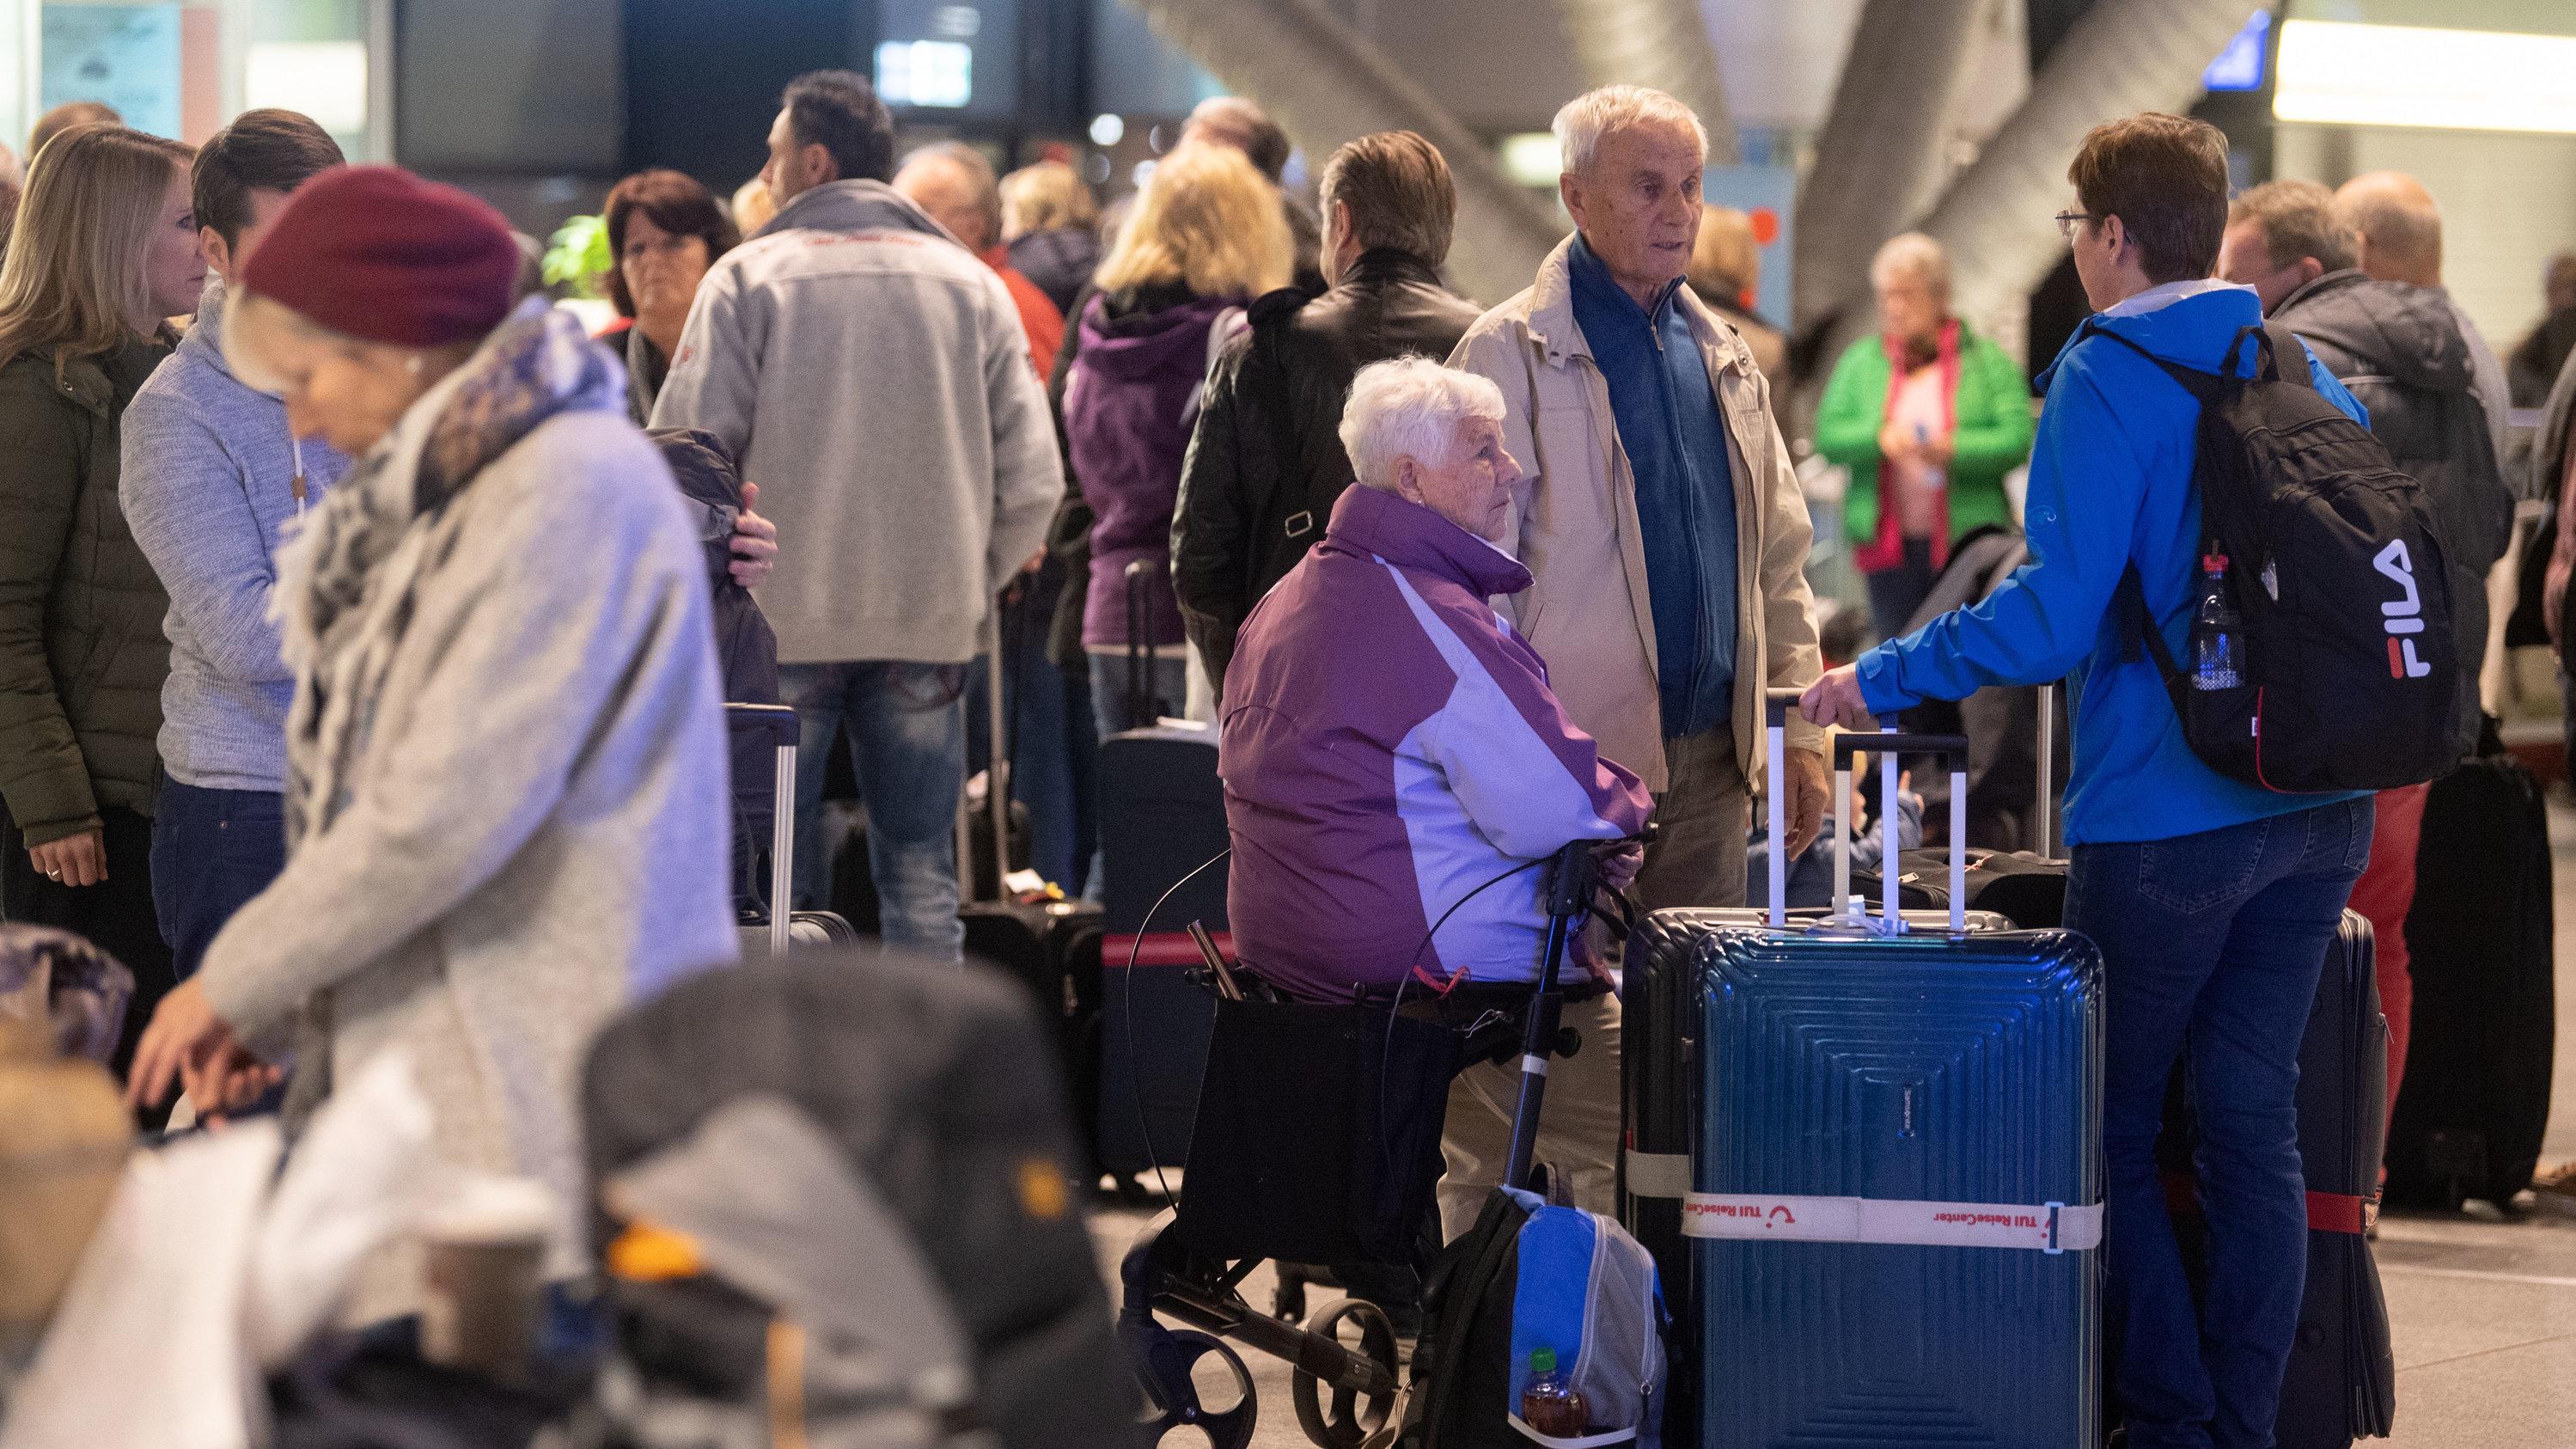 Vom Streik betroffene Passagiere warten am Flughafen Stuttgart